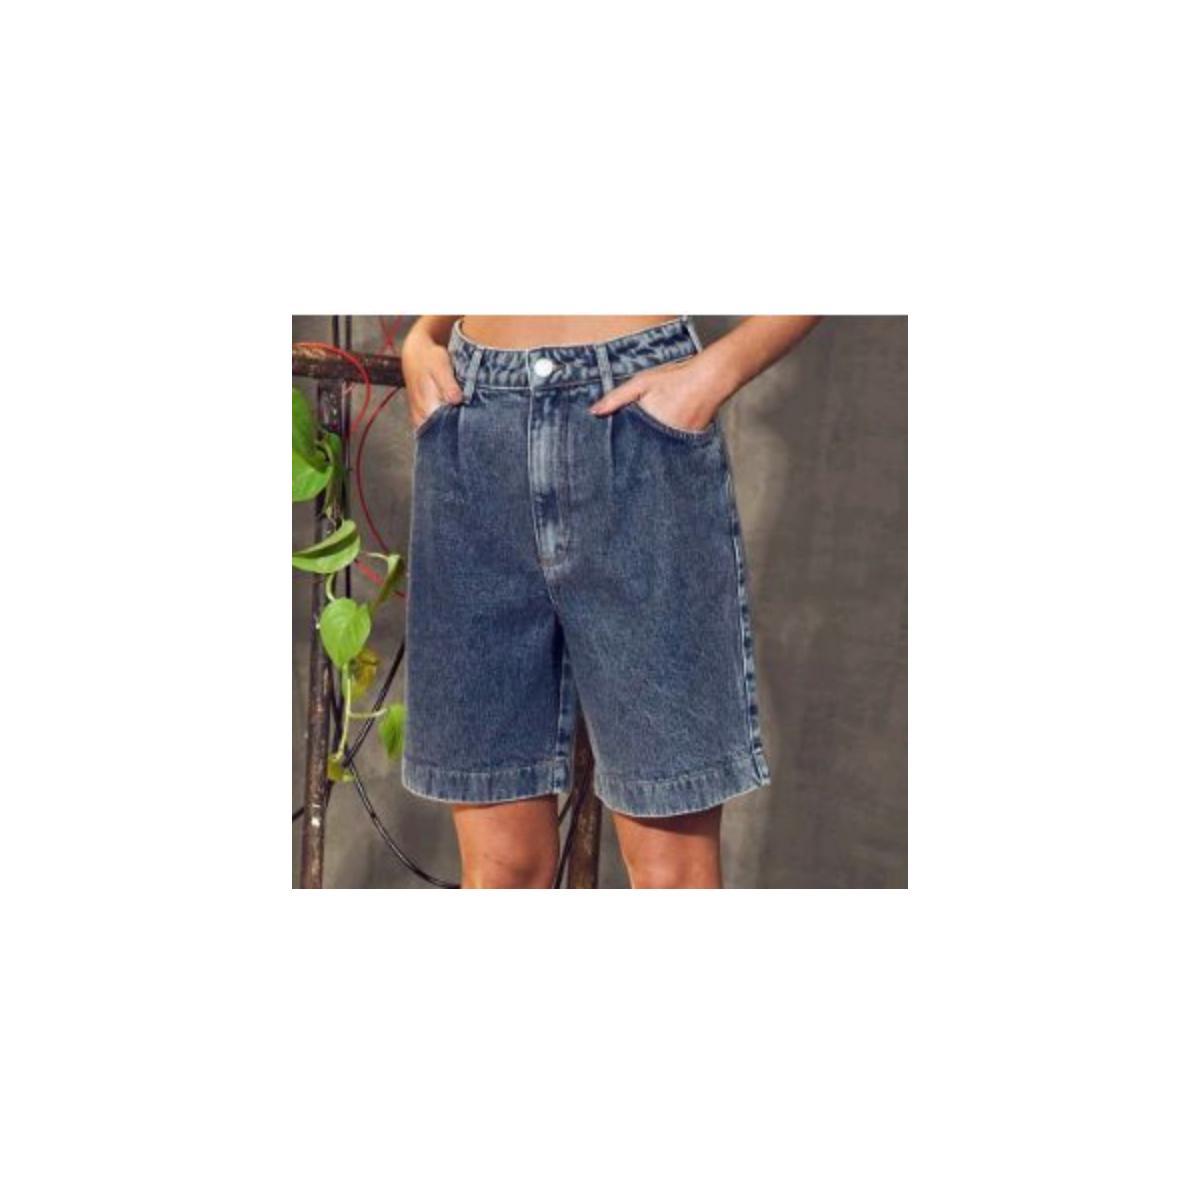 Bermuda Feminina Colcci 40102067 600 Jeans